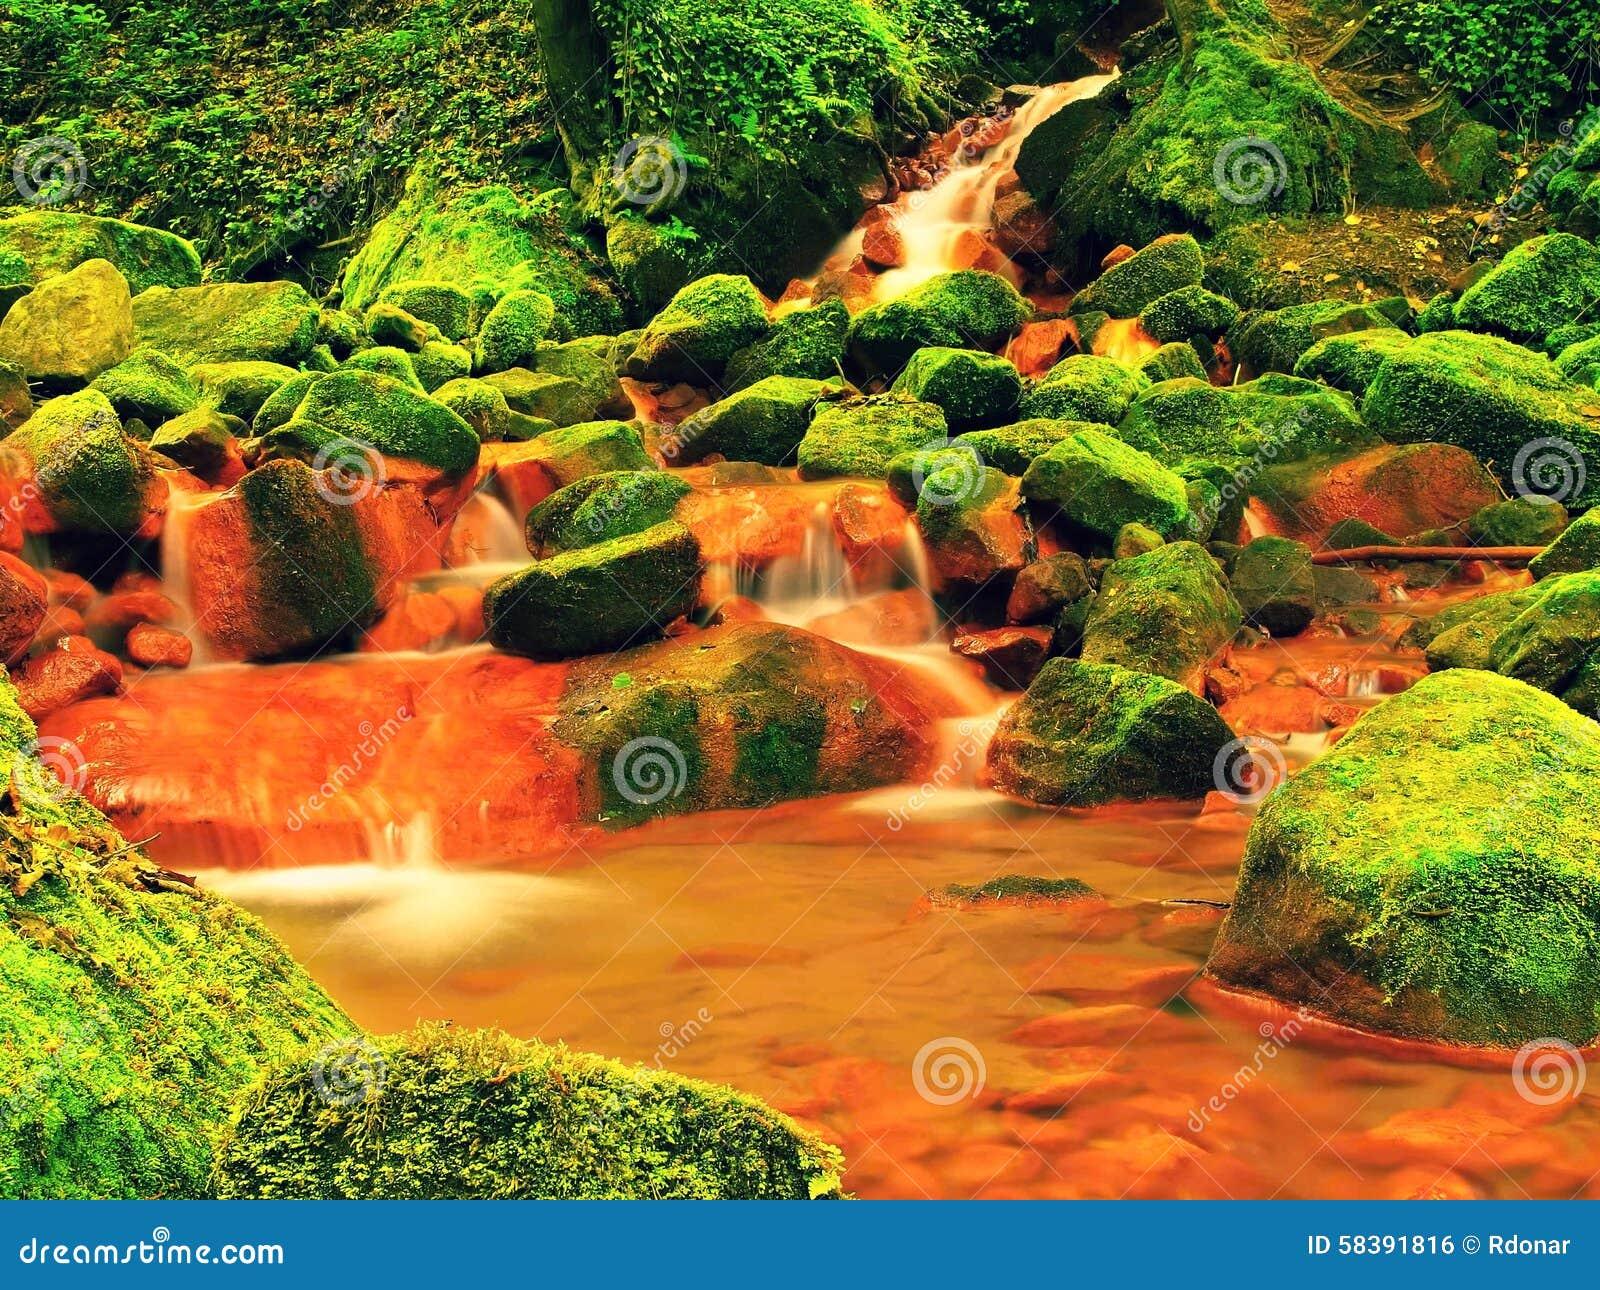 Каскады в речных порогах минеральной воды Красные железные седименты на больших мшистых валунах между папоротниками